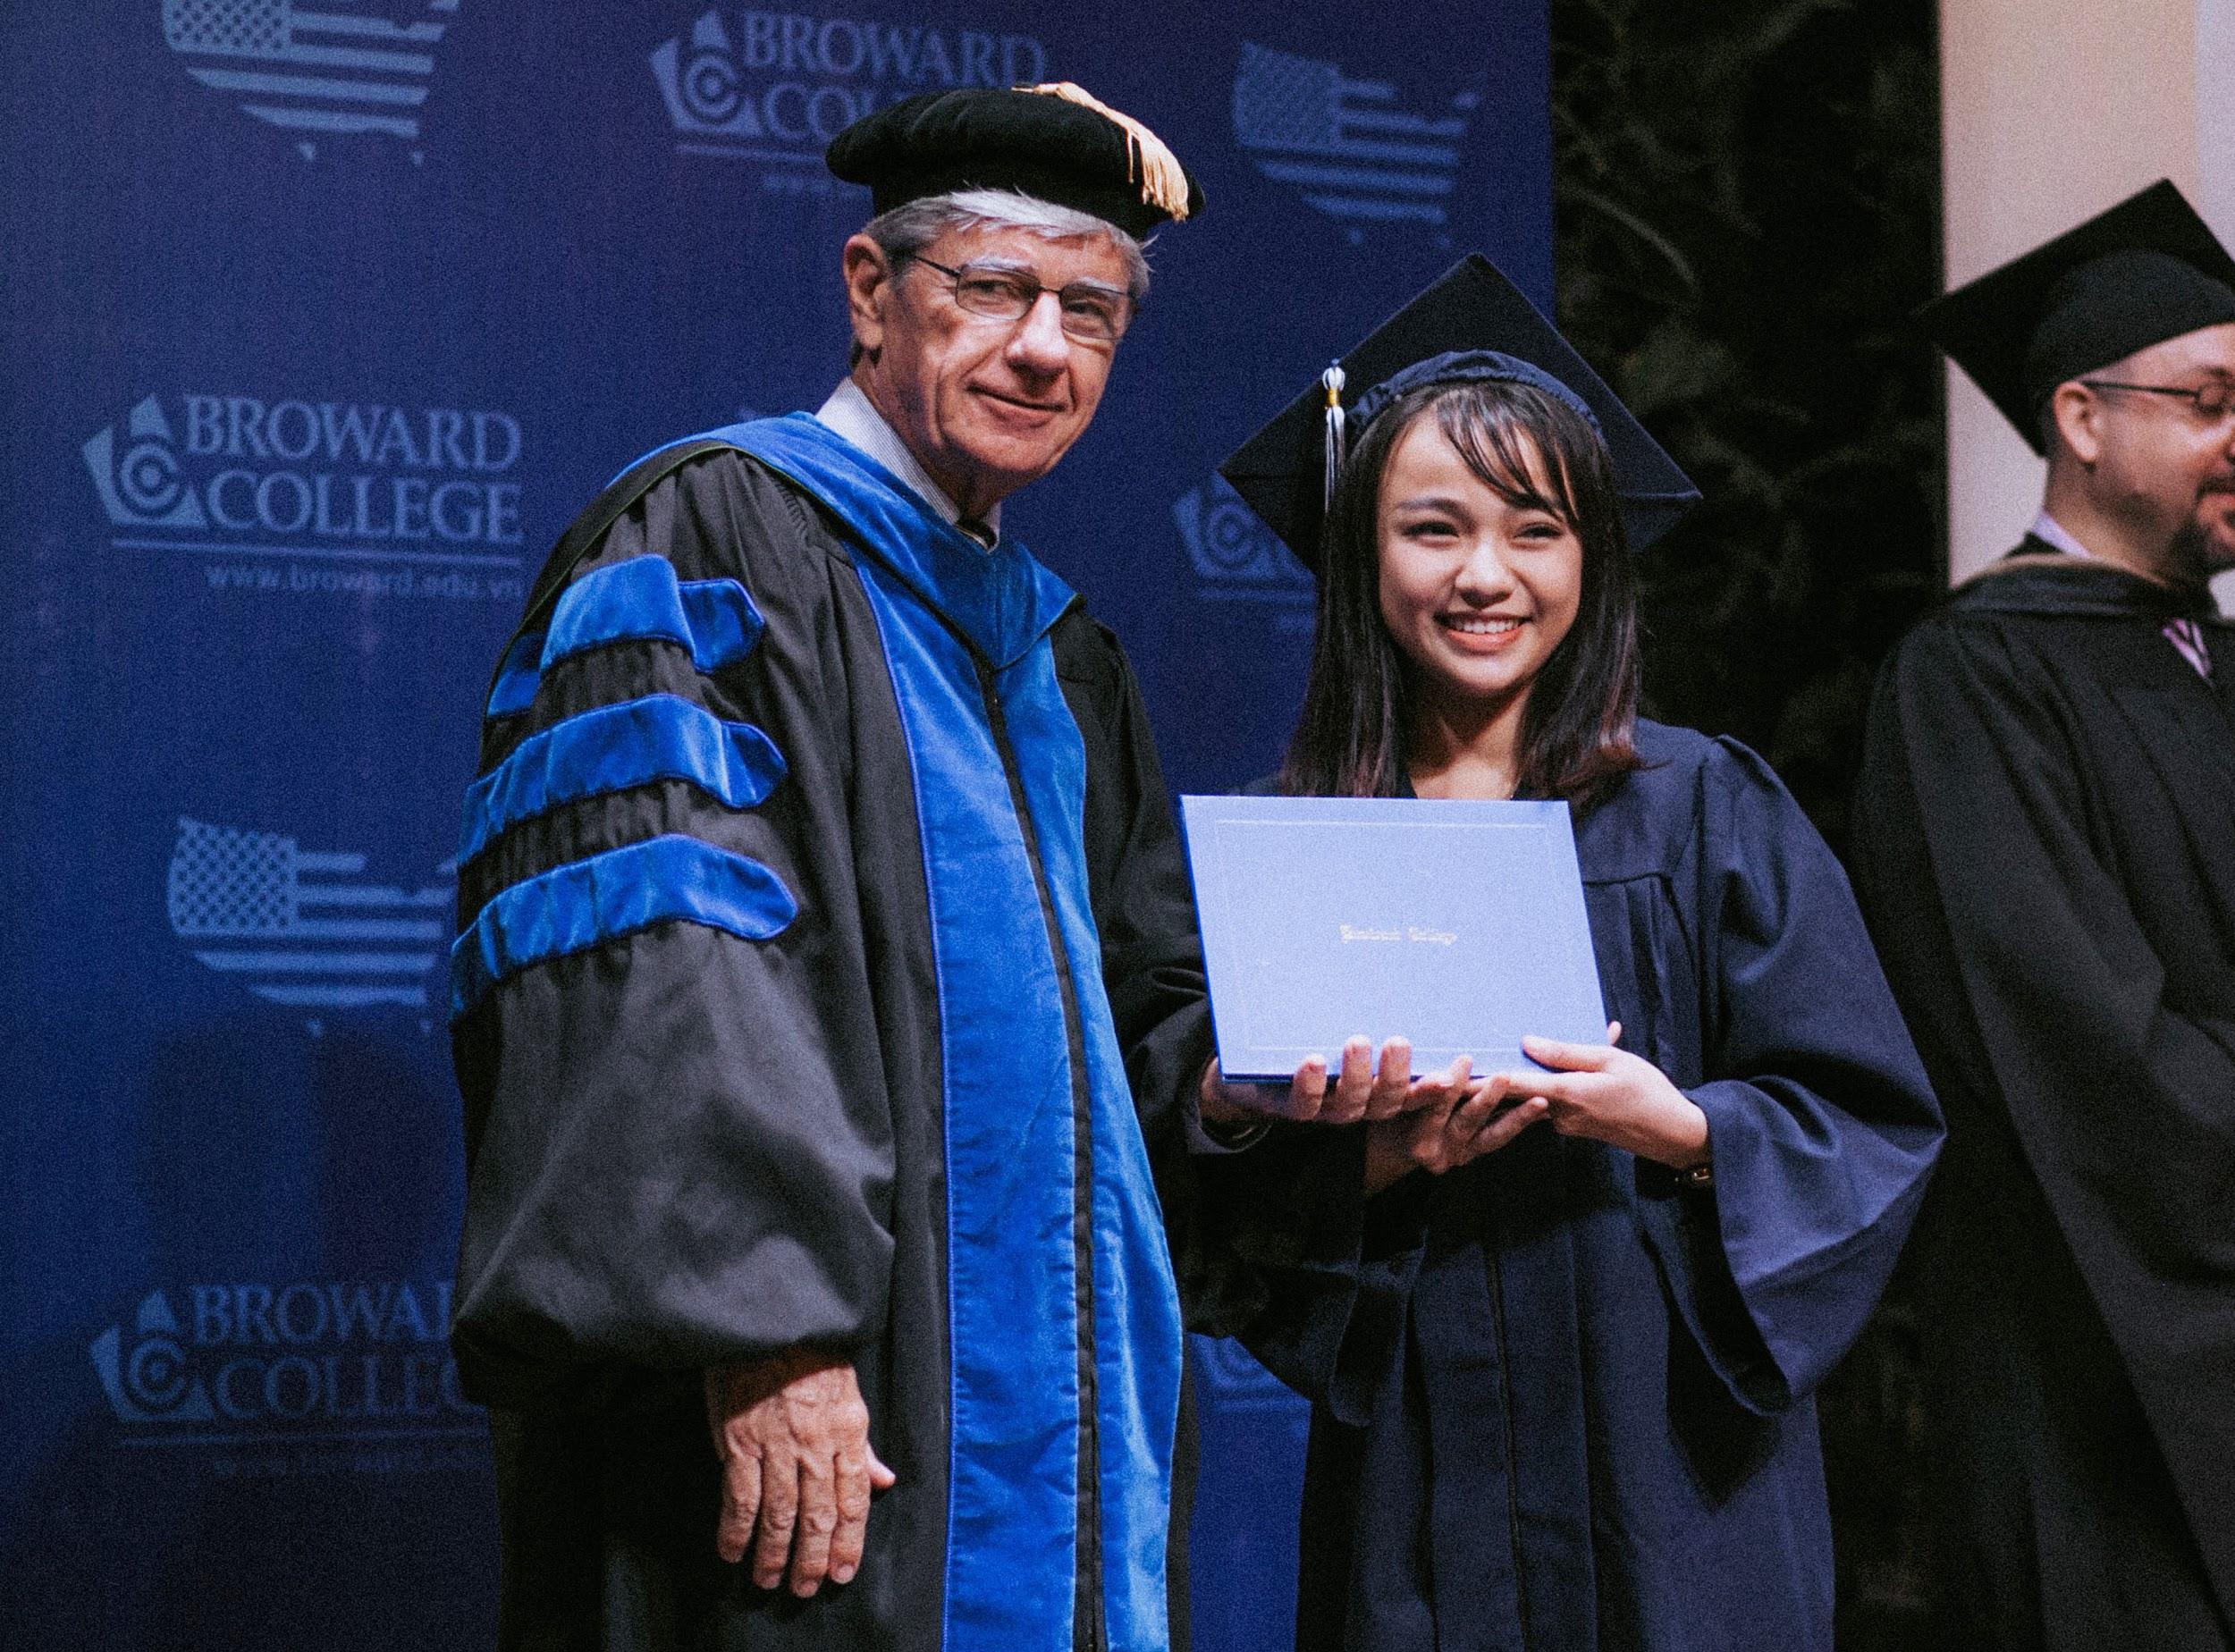 Sự khởi đầu đầy hứng khởi tại Broward College Vietnam - Ảnh 3.